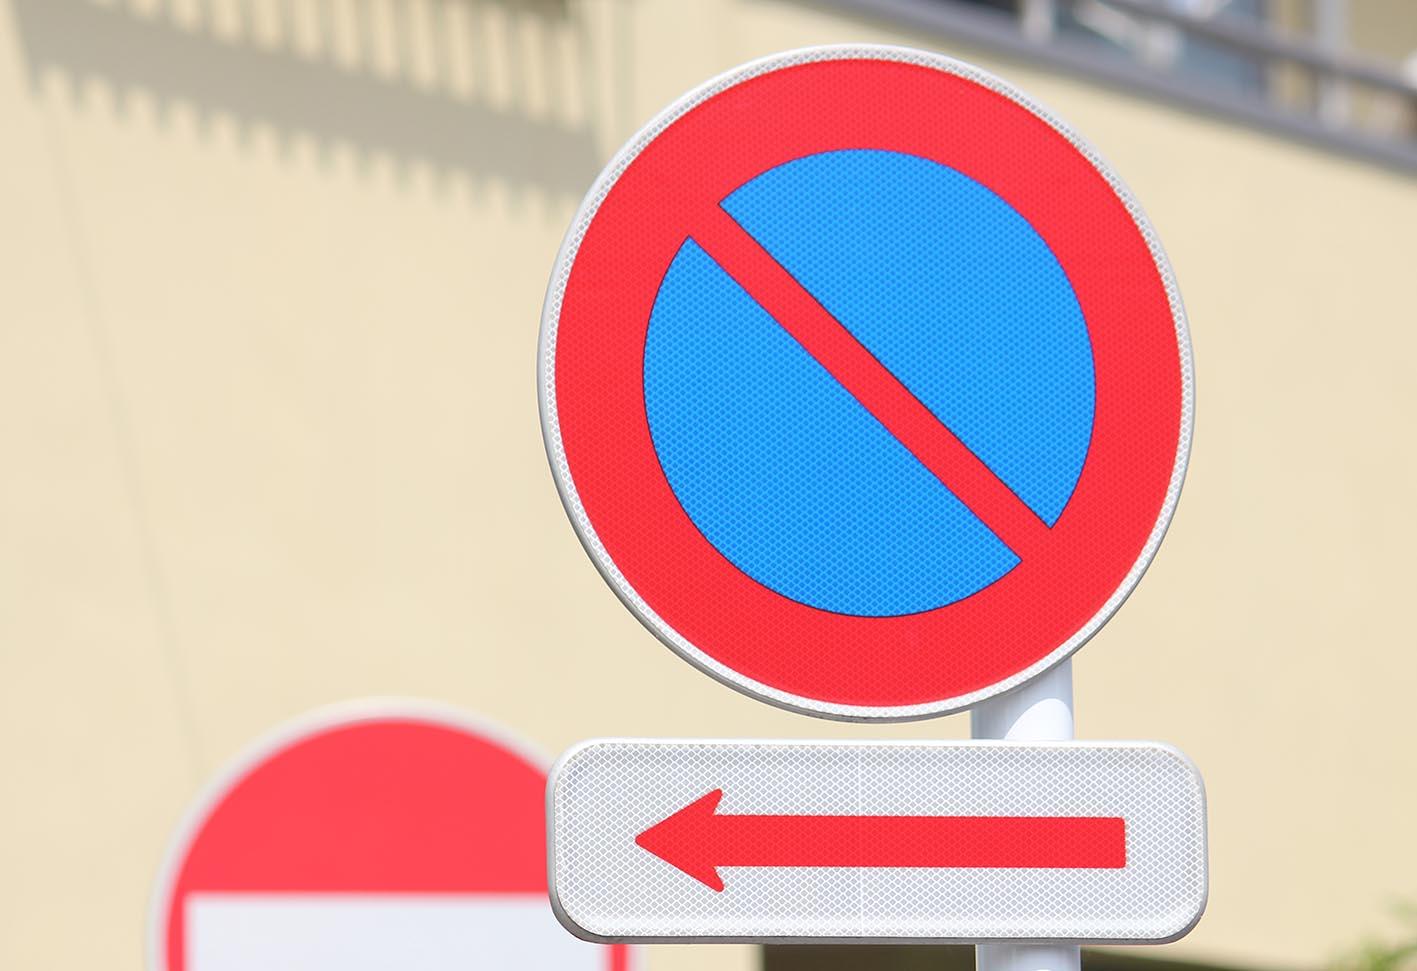 停車 禁止 駐 交差点